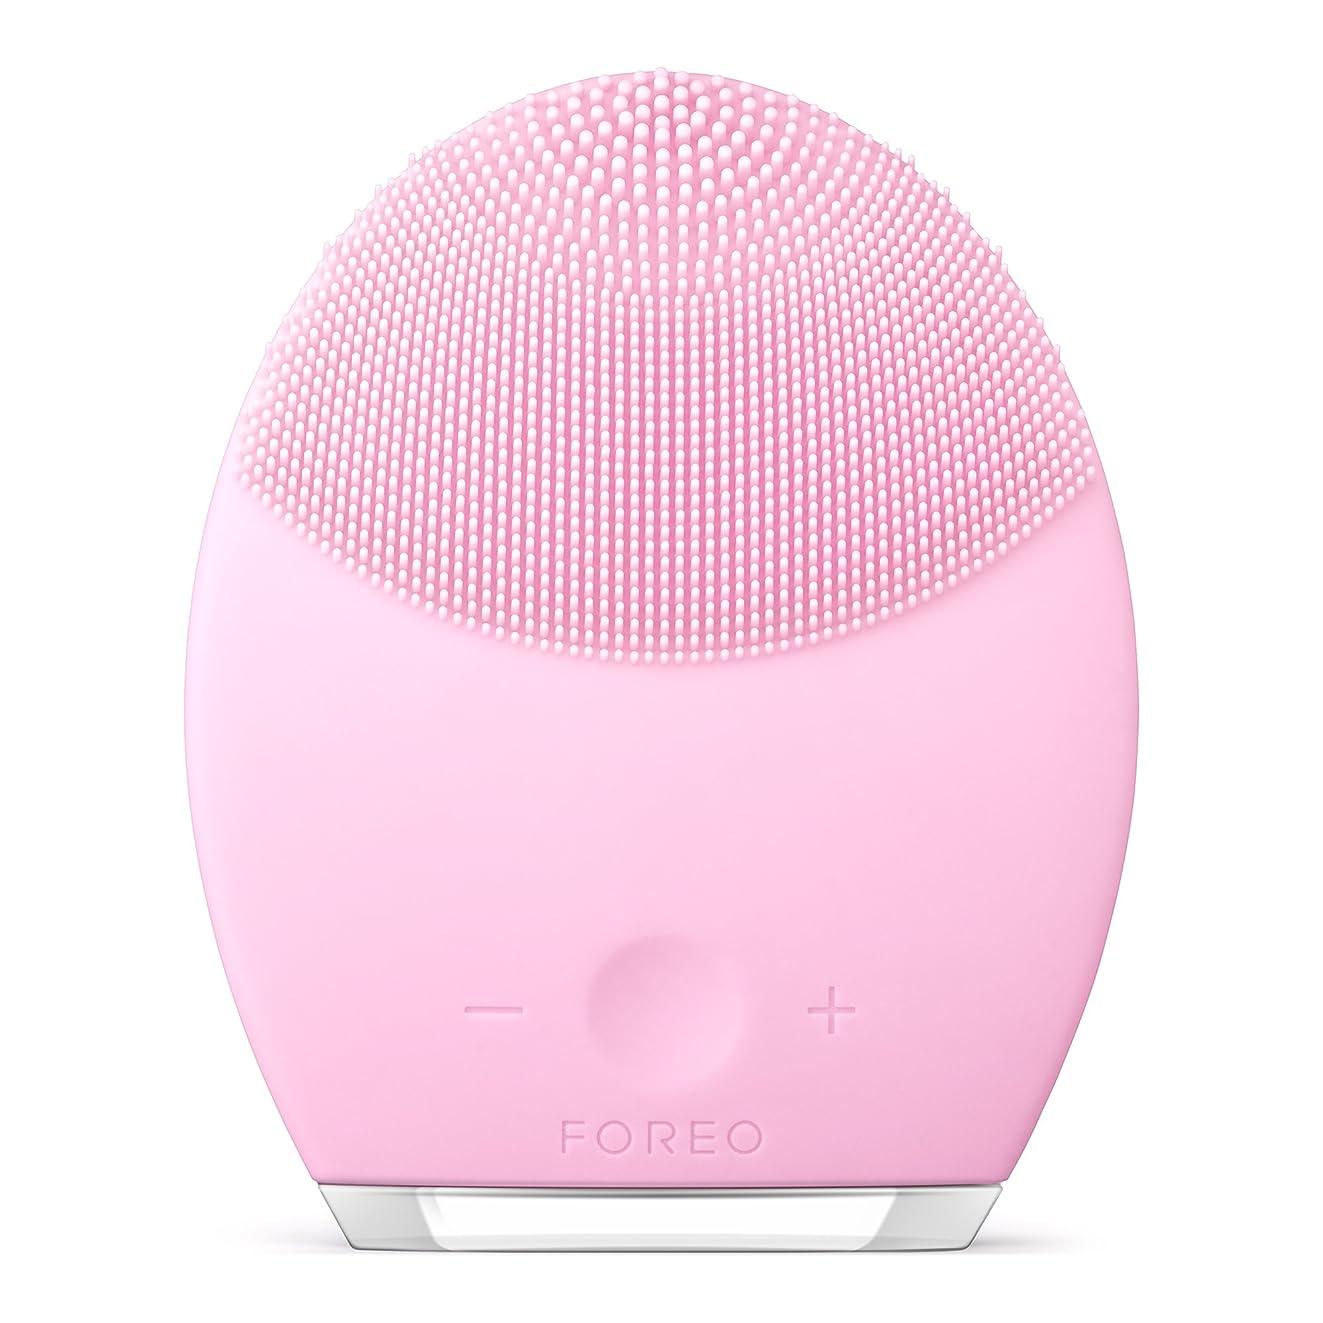 肥沃な給料キャンプFOREO LUNA 2 for ノーマルスキン 電動洗顔ブラシ シリコーン製 音波振動